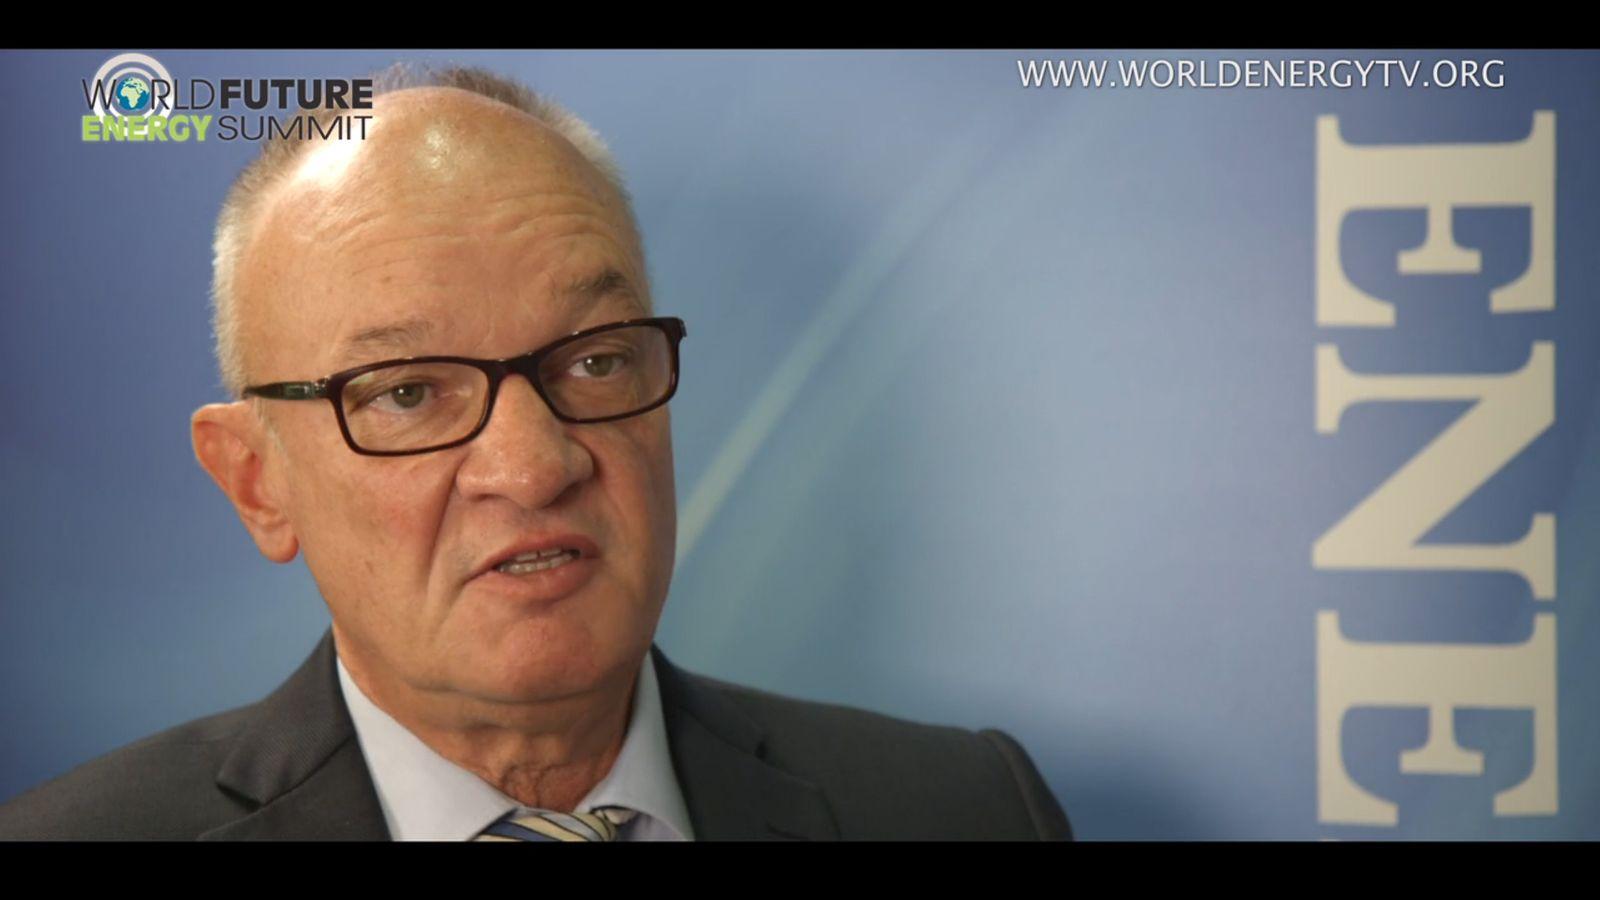 EINMALIGE VERWENDUNG SCREENSHOT Michael Kutschenreuter, General Manager of Heliocentris